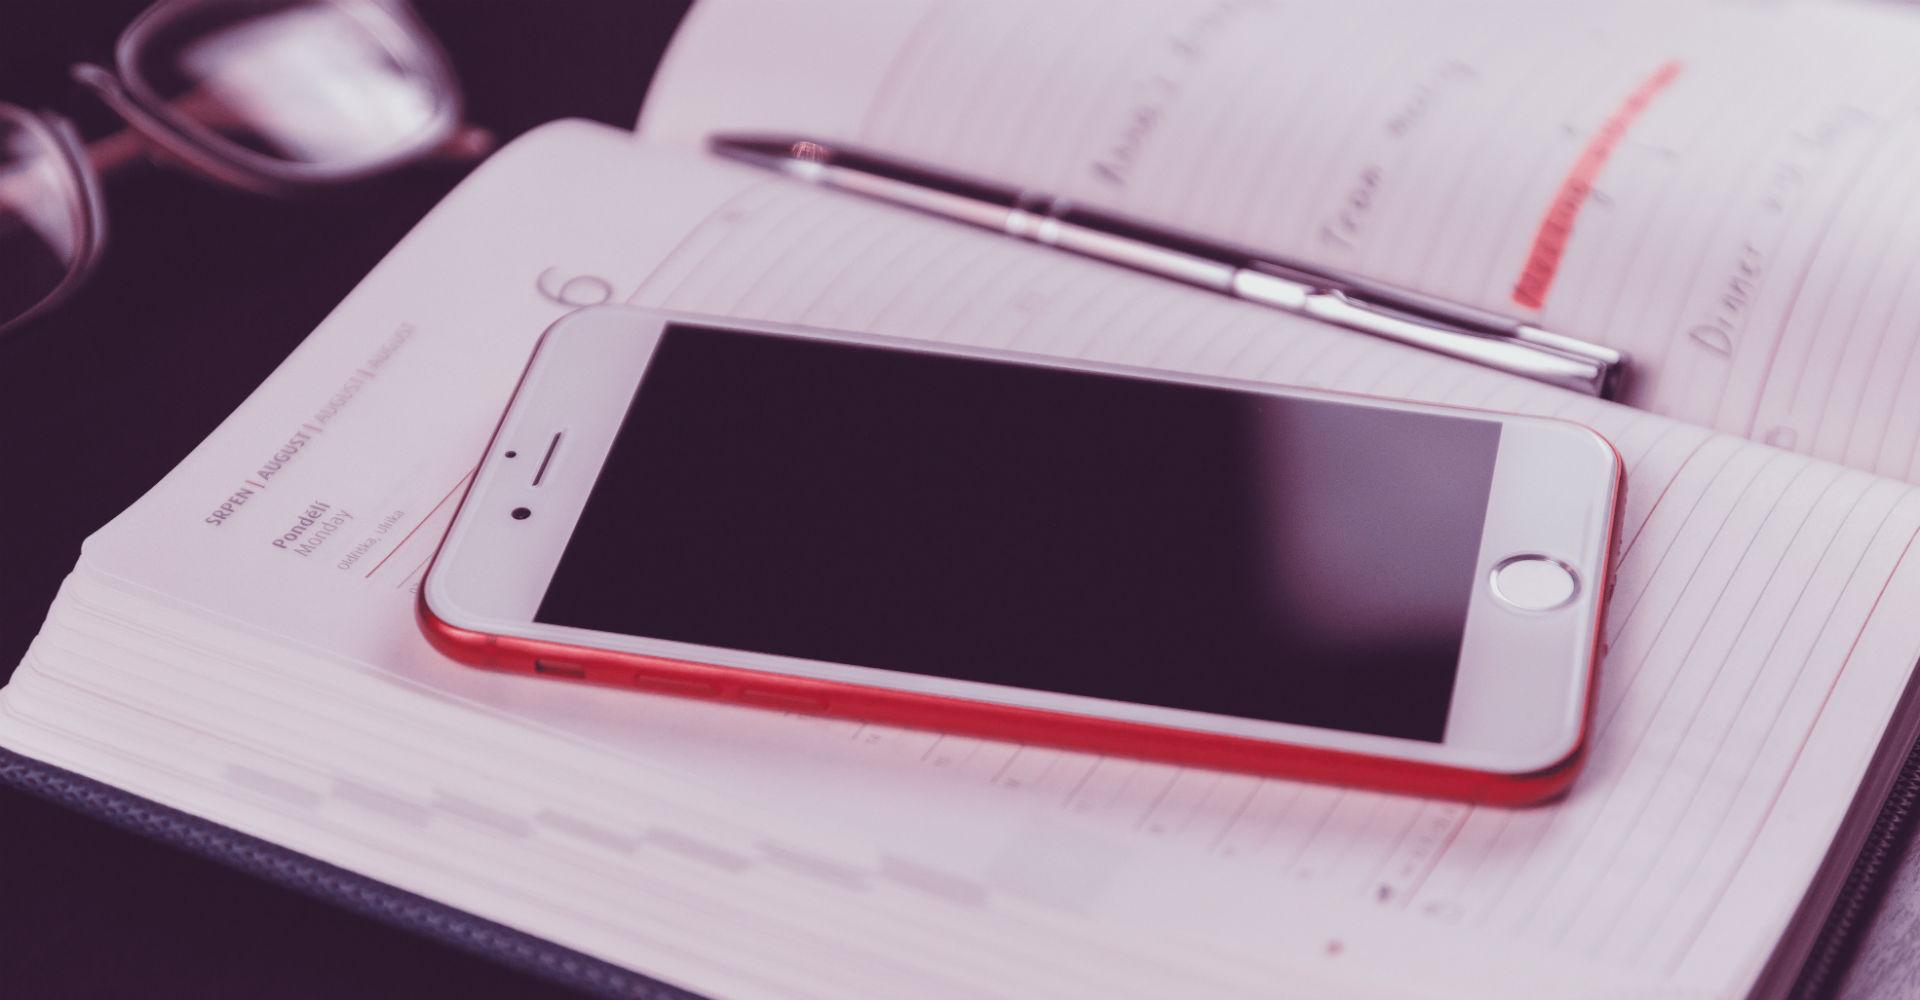 Rotes iPhone 7 liegt auf einem Schreibtisch.